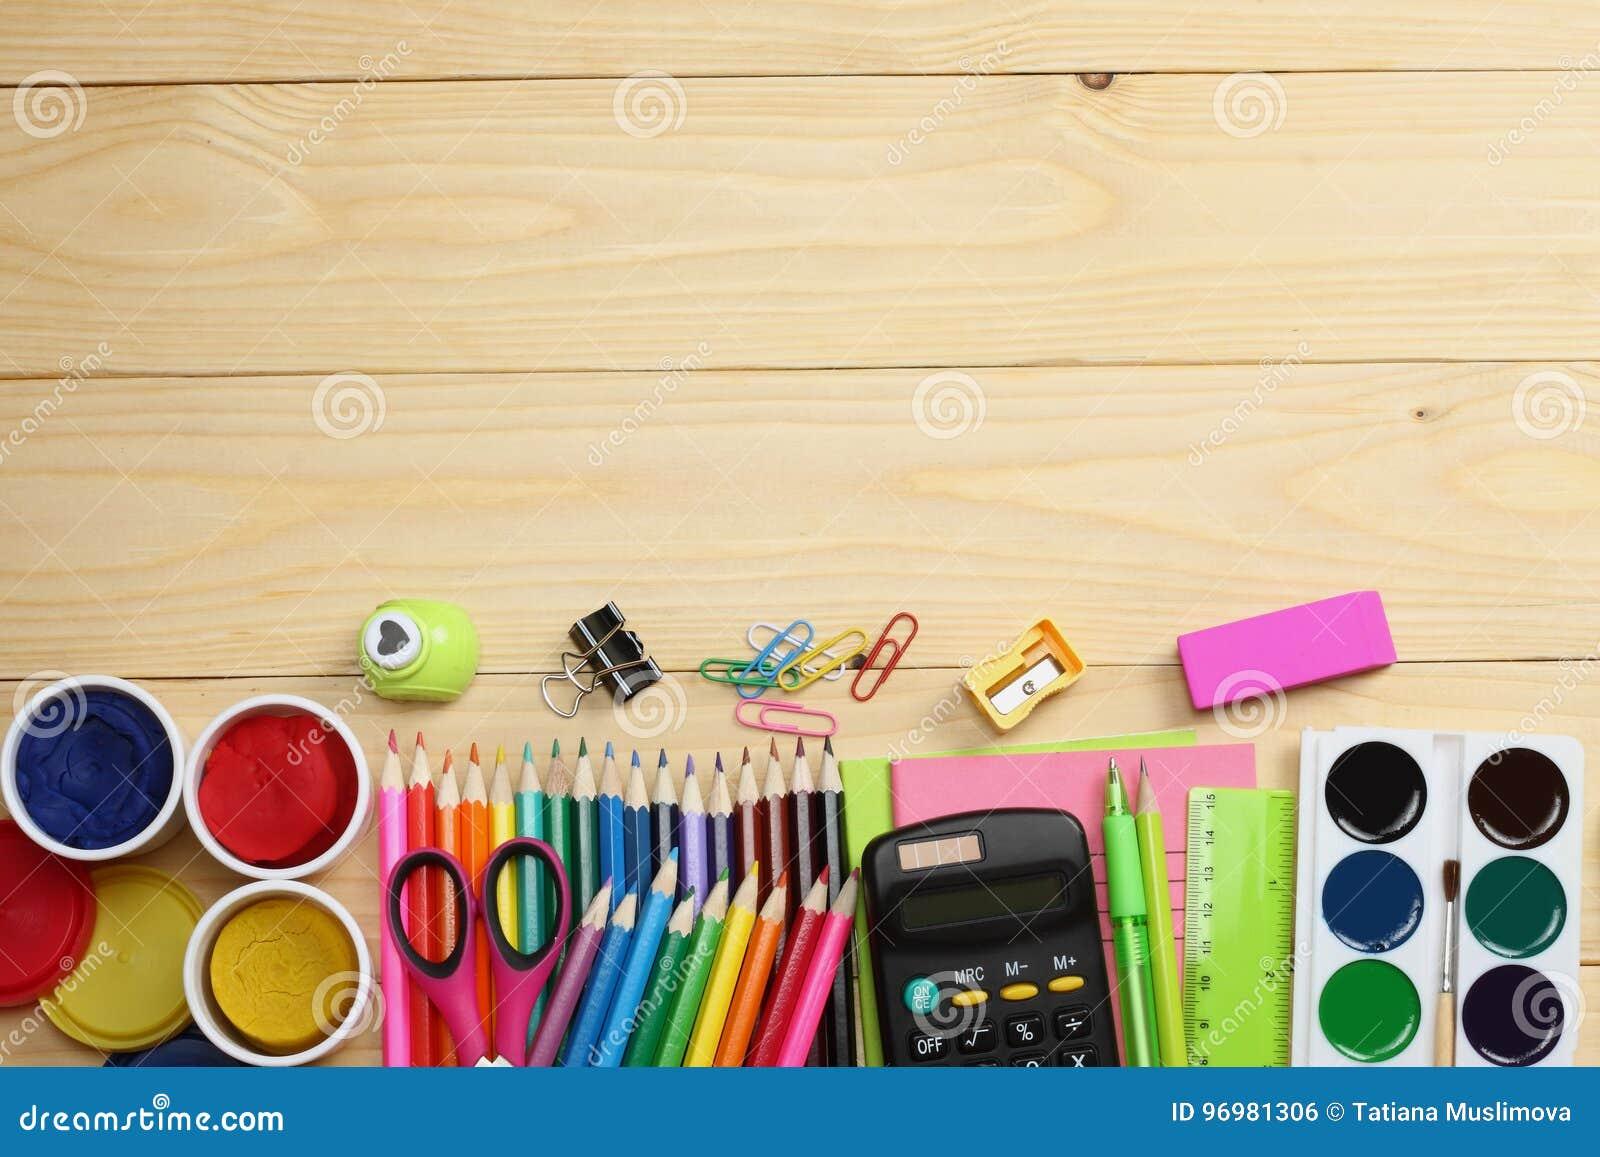 Fournitures de bureau décole et fond décole crayons colorés stylo